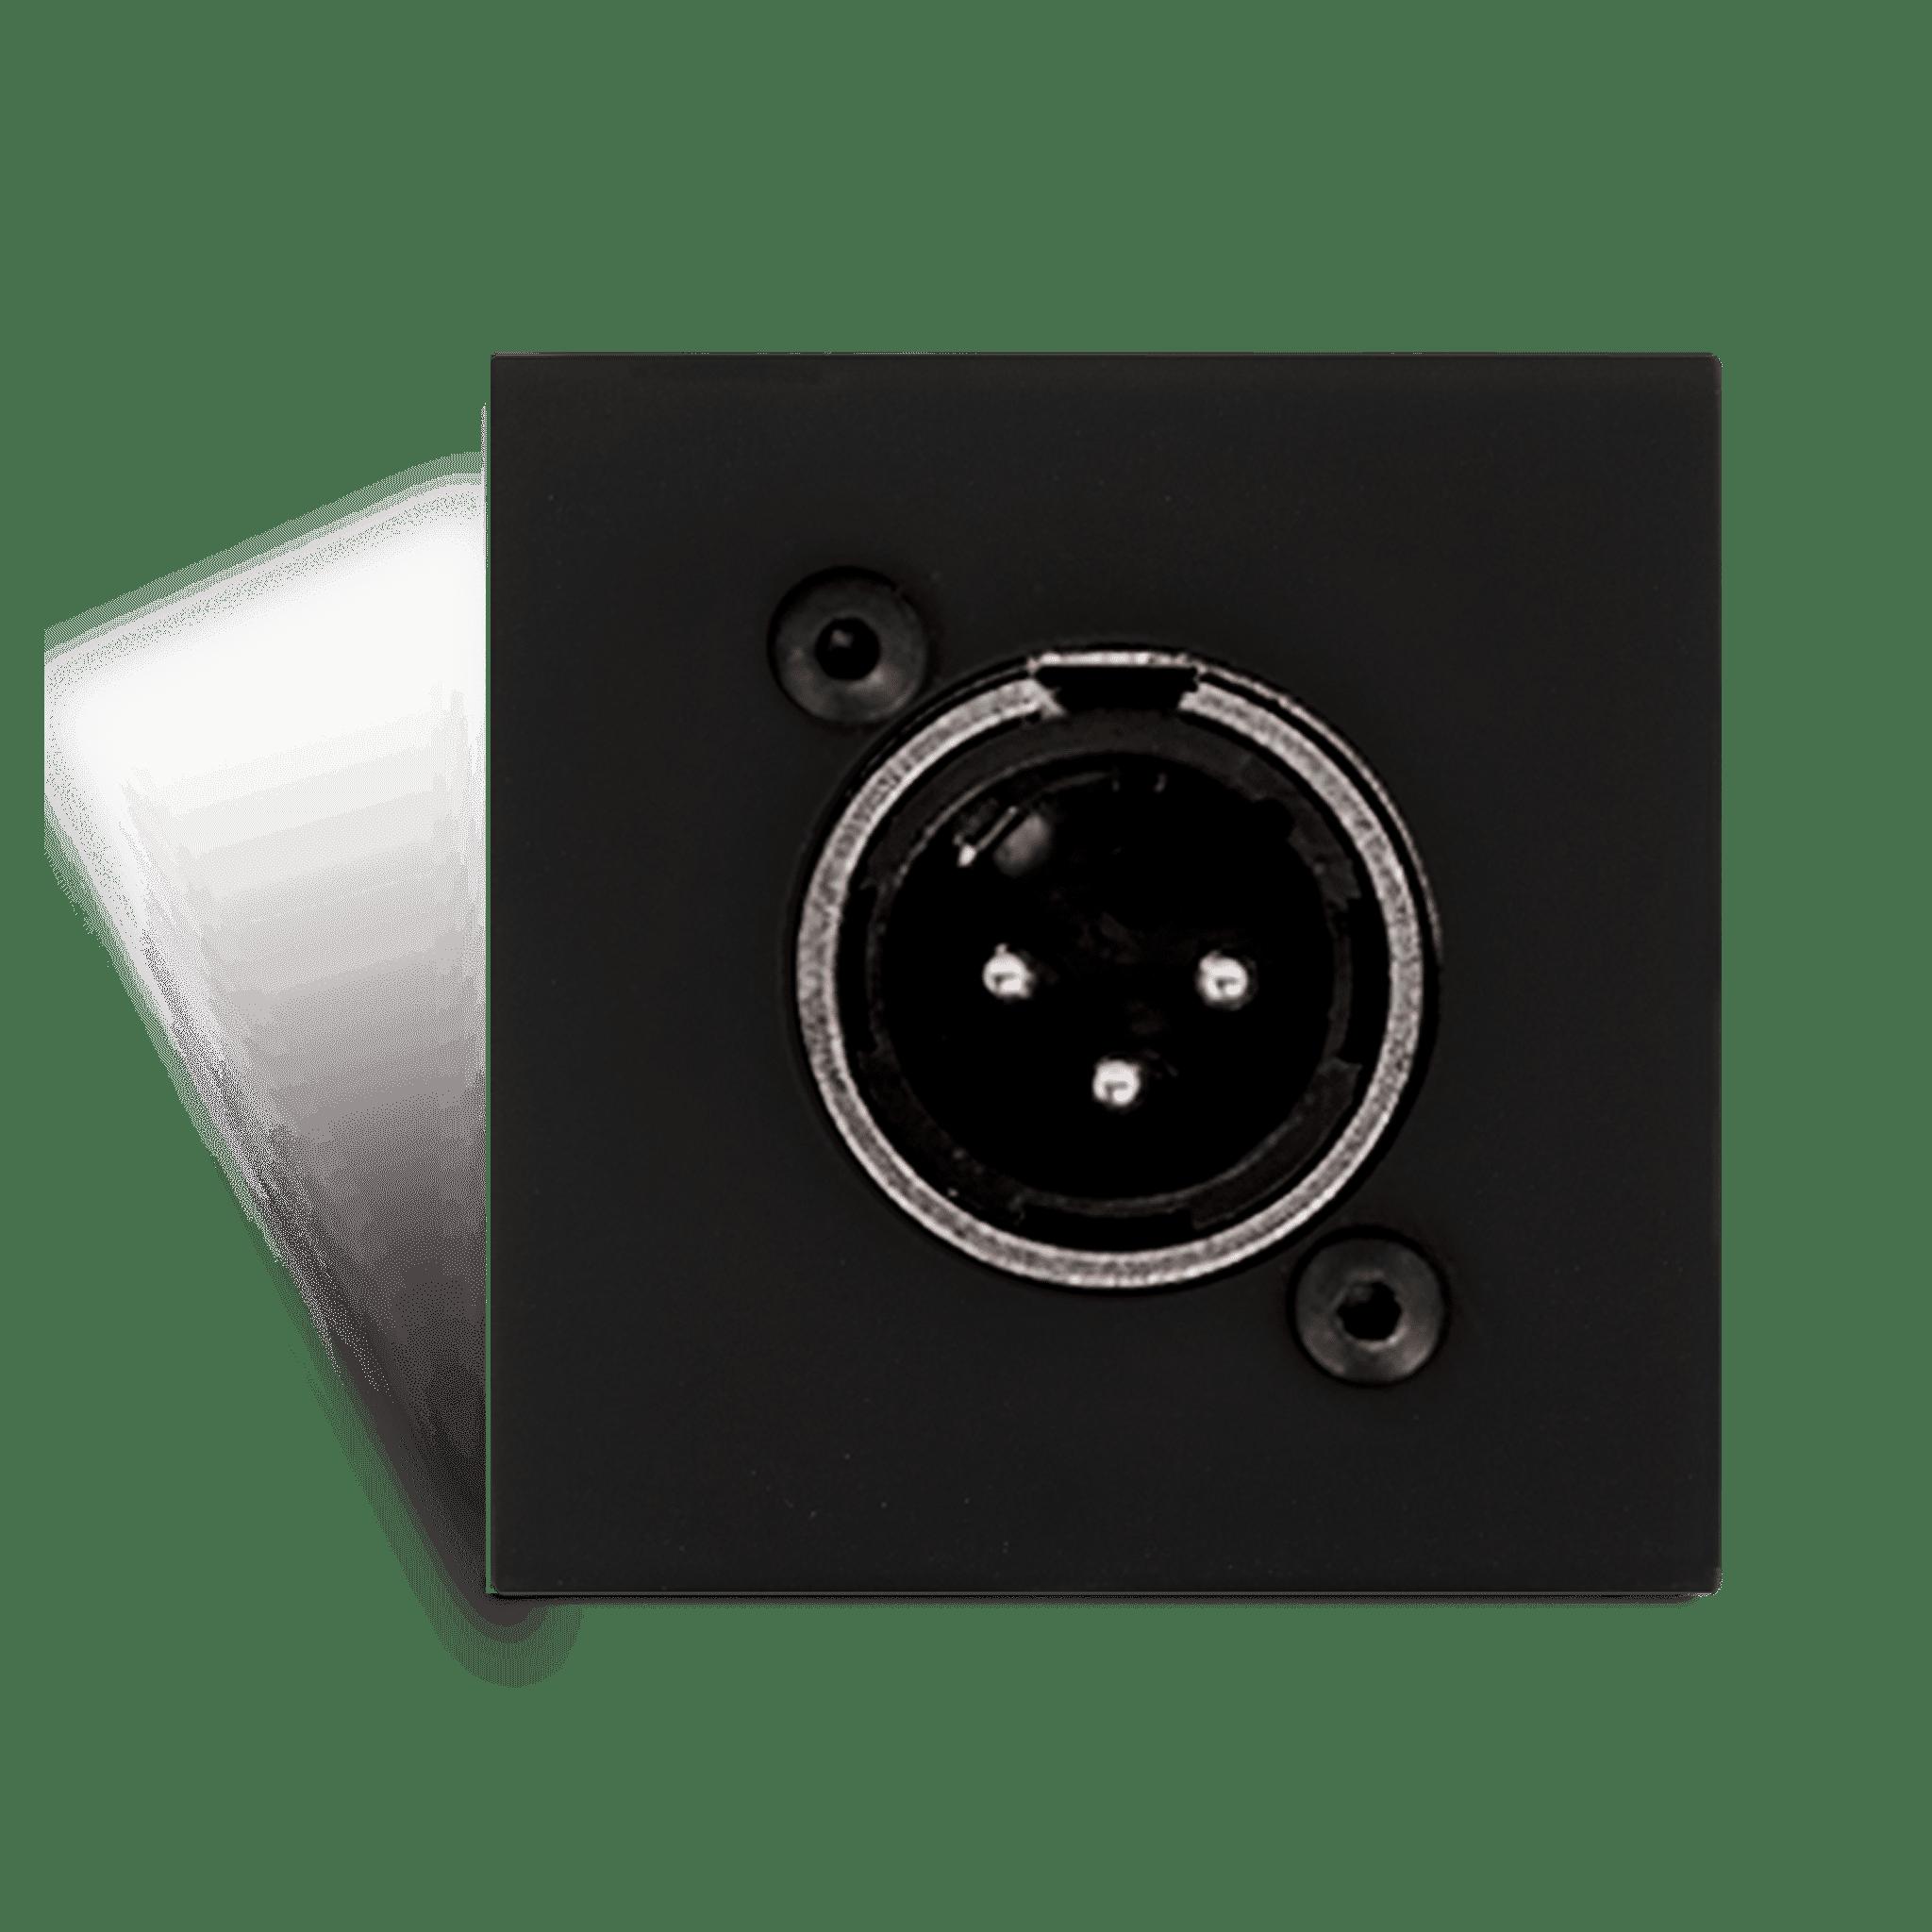 CP45XLM/B - Black version